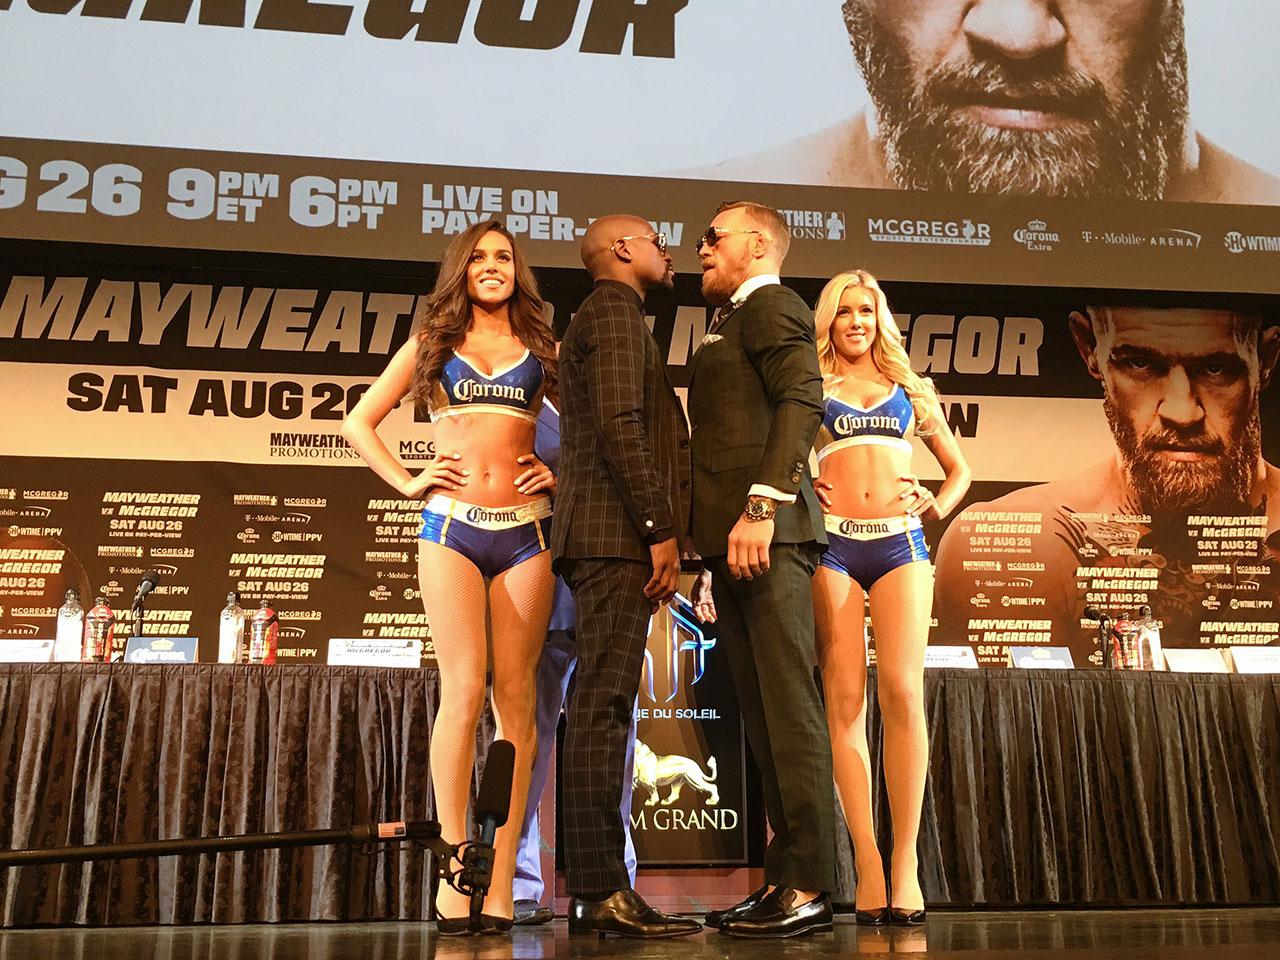 Mayweather y McGregor guardan energía para la pelea del sábado